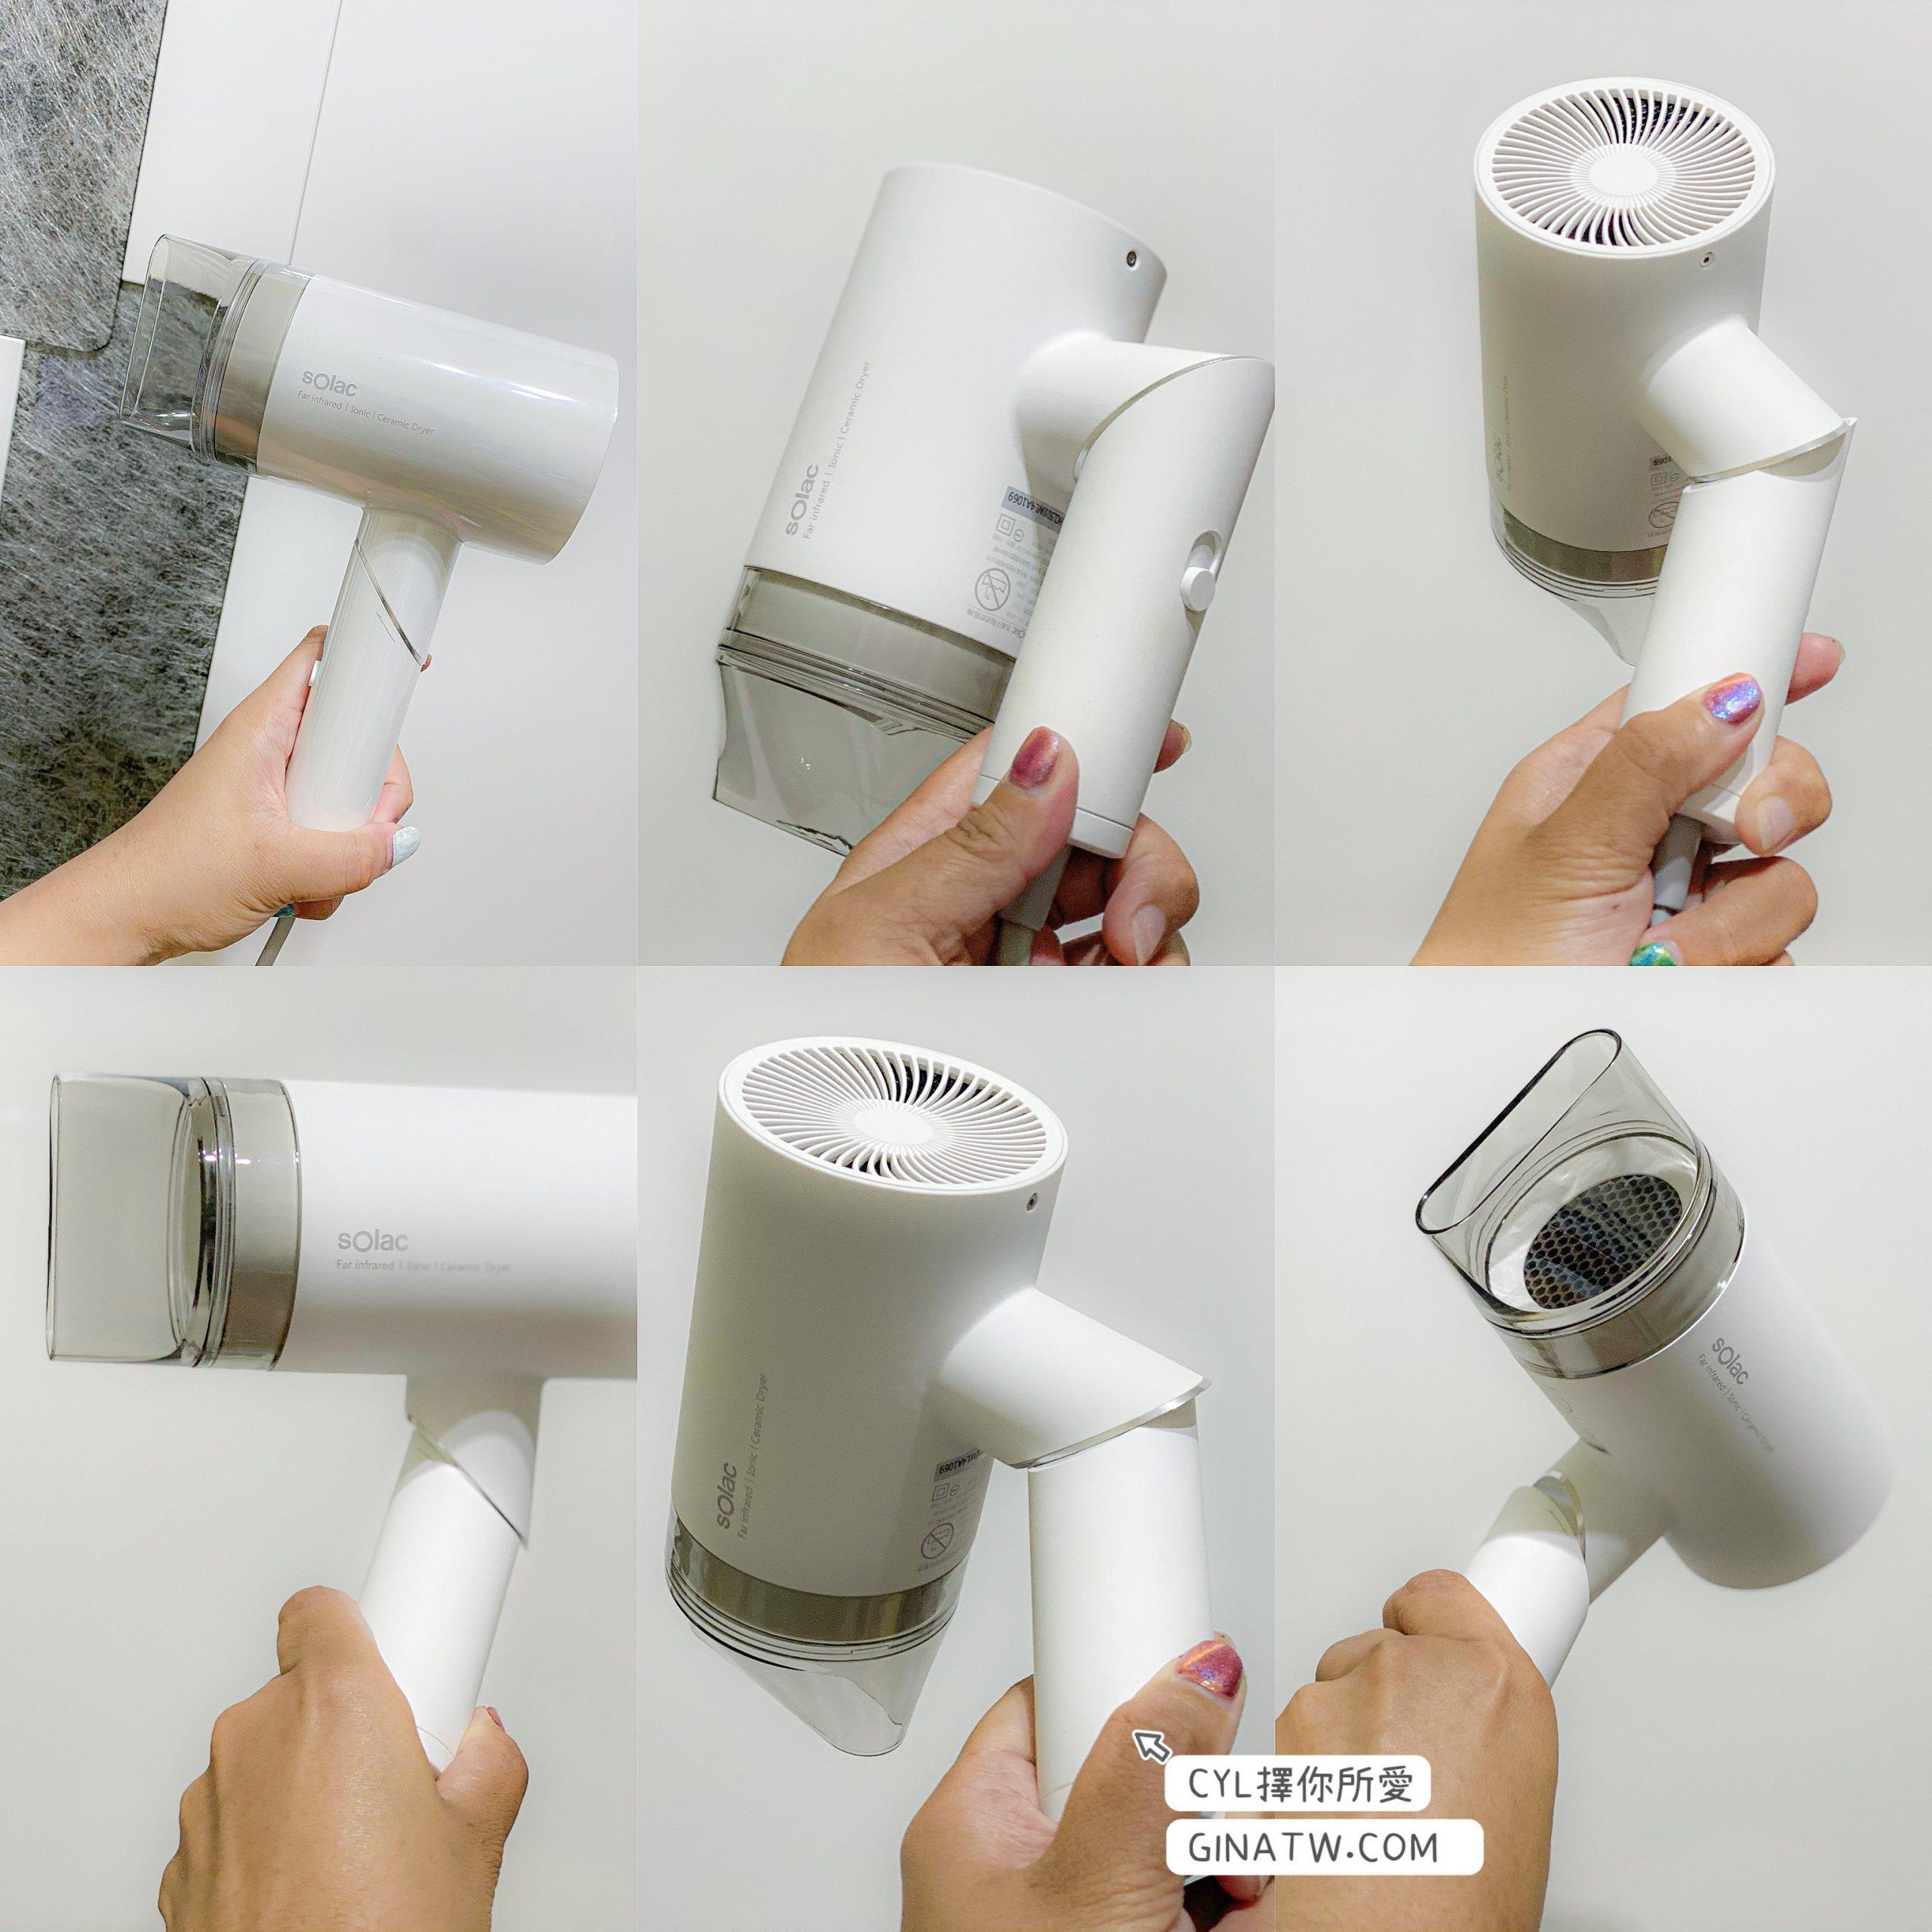 【西班牙吹風機】Solac負離子陶瓷吹風機 @GINA環球旅行生活|不會韓文也可以去韓國 🇹🇼